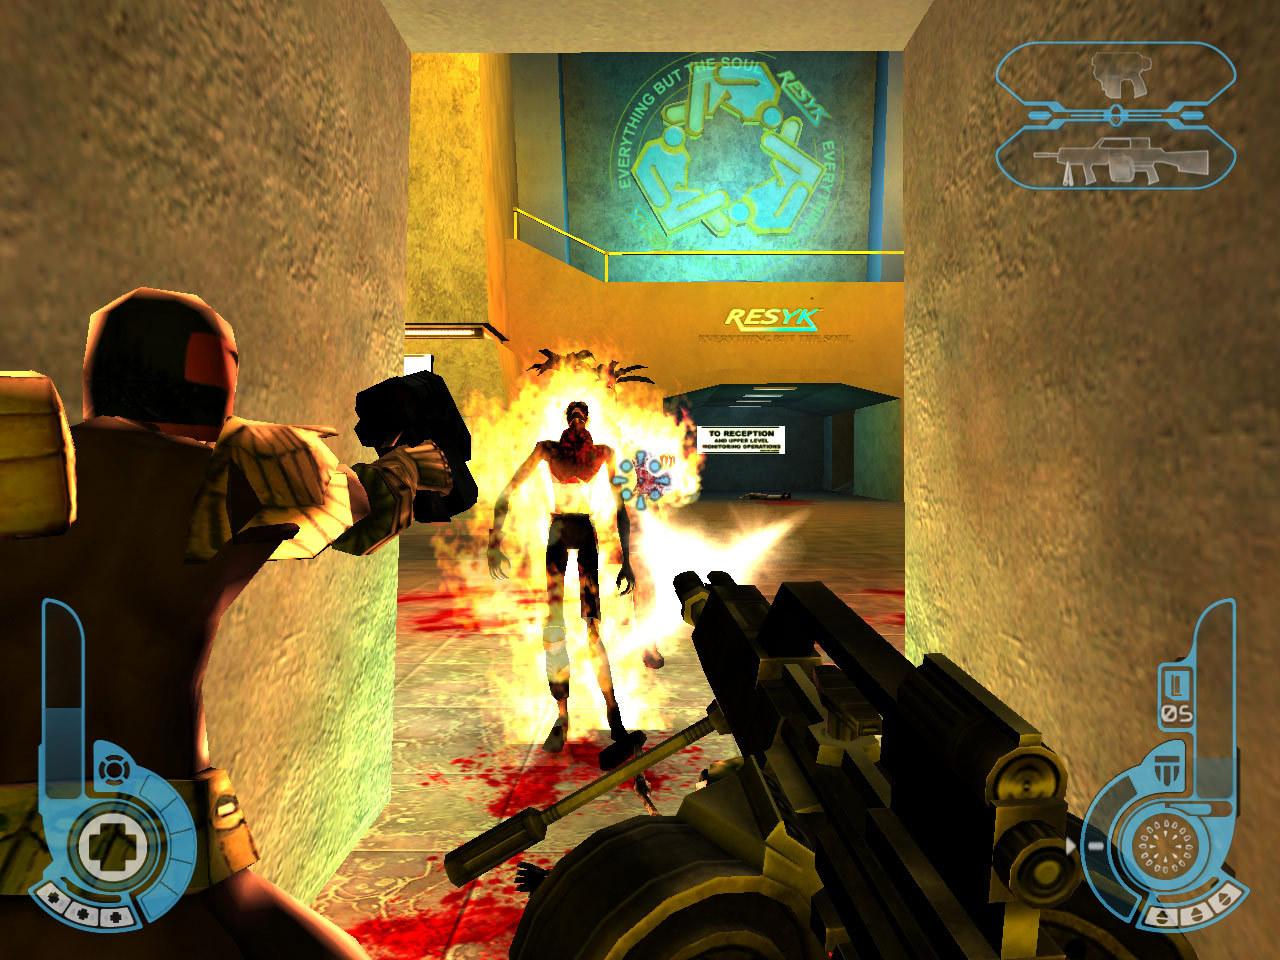 Judge Dredd: Dredd vs. Death Free Download image 1